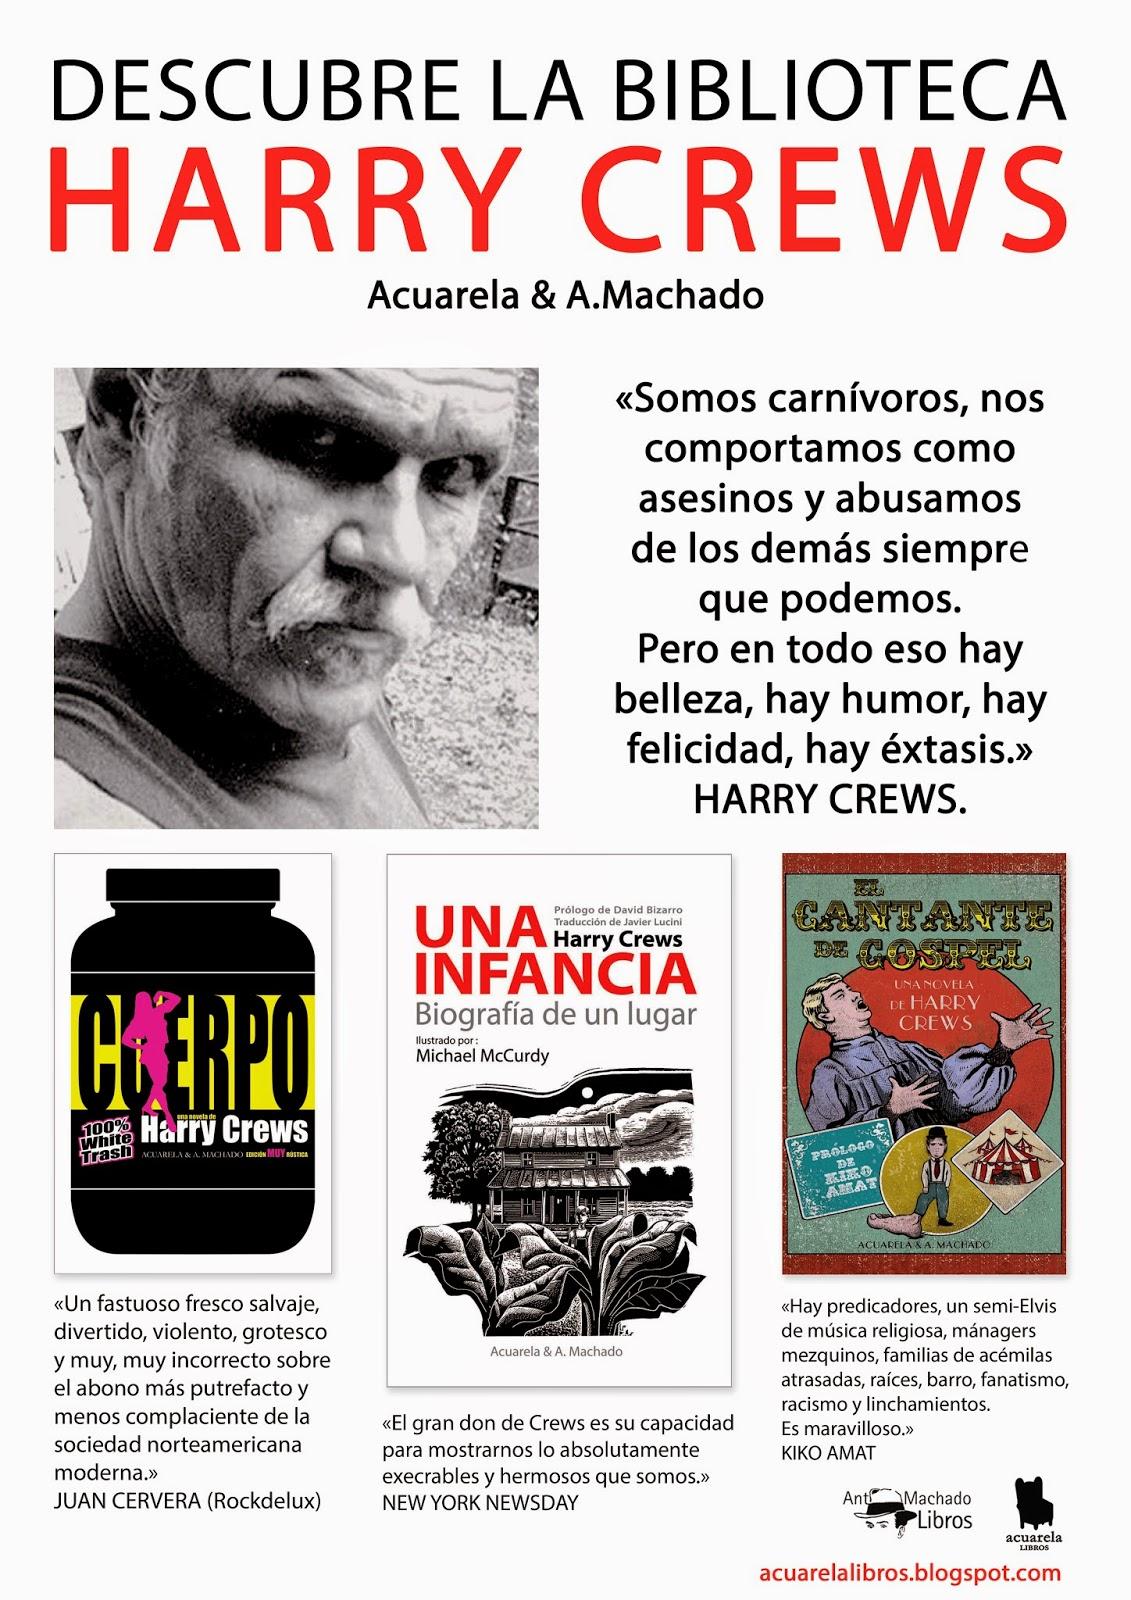 Literatura de cloaca, novelistas malditos (Bunker, Crews, Pollock...) Cartel_crews